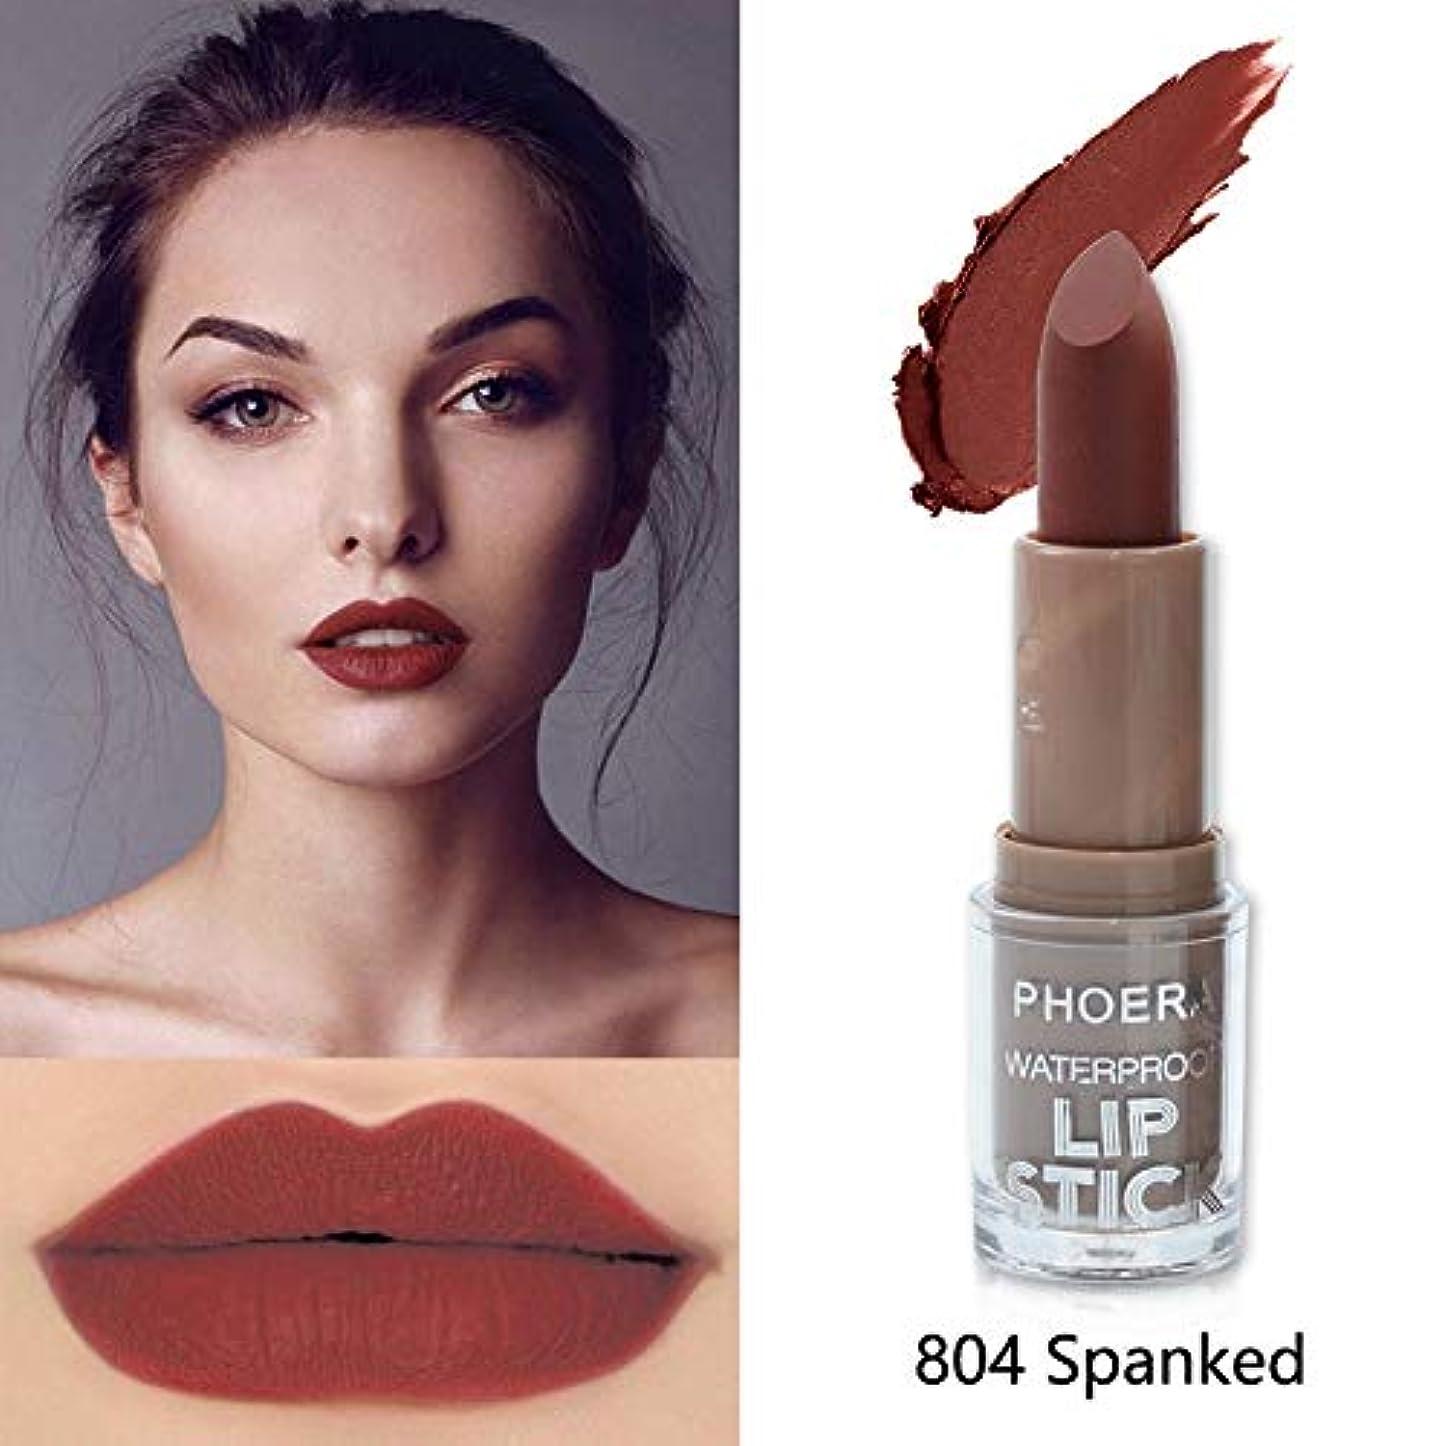 ベルト帳面マーチャンダイジングBeauty Matte Moisturizing Lipstick Makeup Lipsticks Lip Stick Waterproof Lipgloss Mate Lipsticks Cosmetic